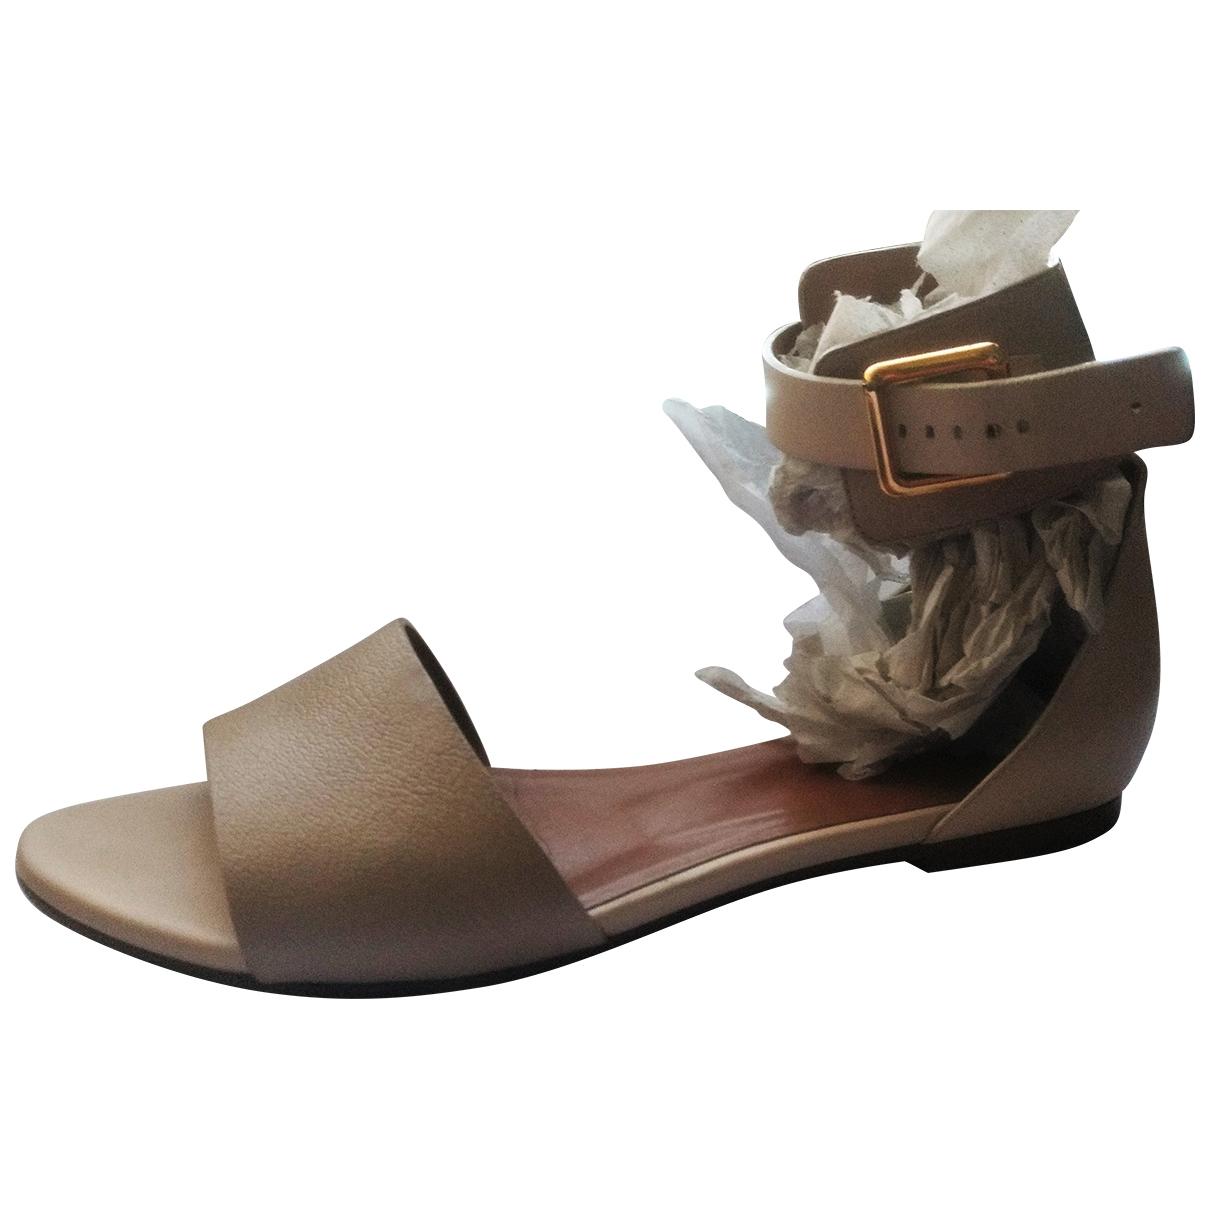 Chloe - Sandales   pour femme en cuir - ecru